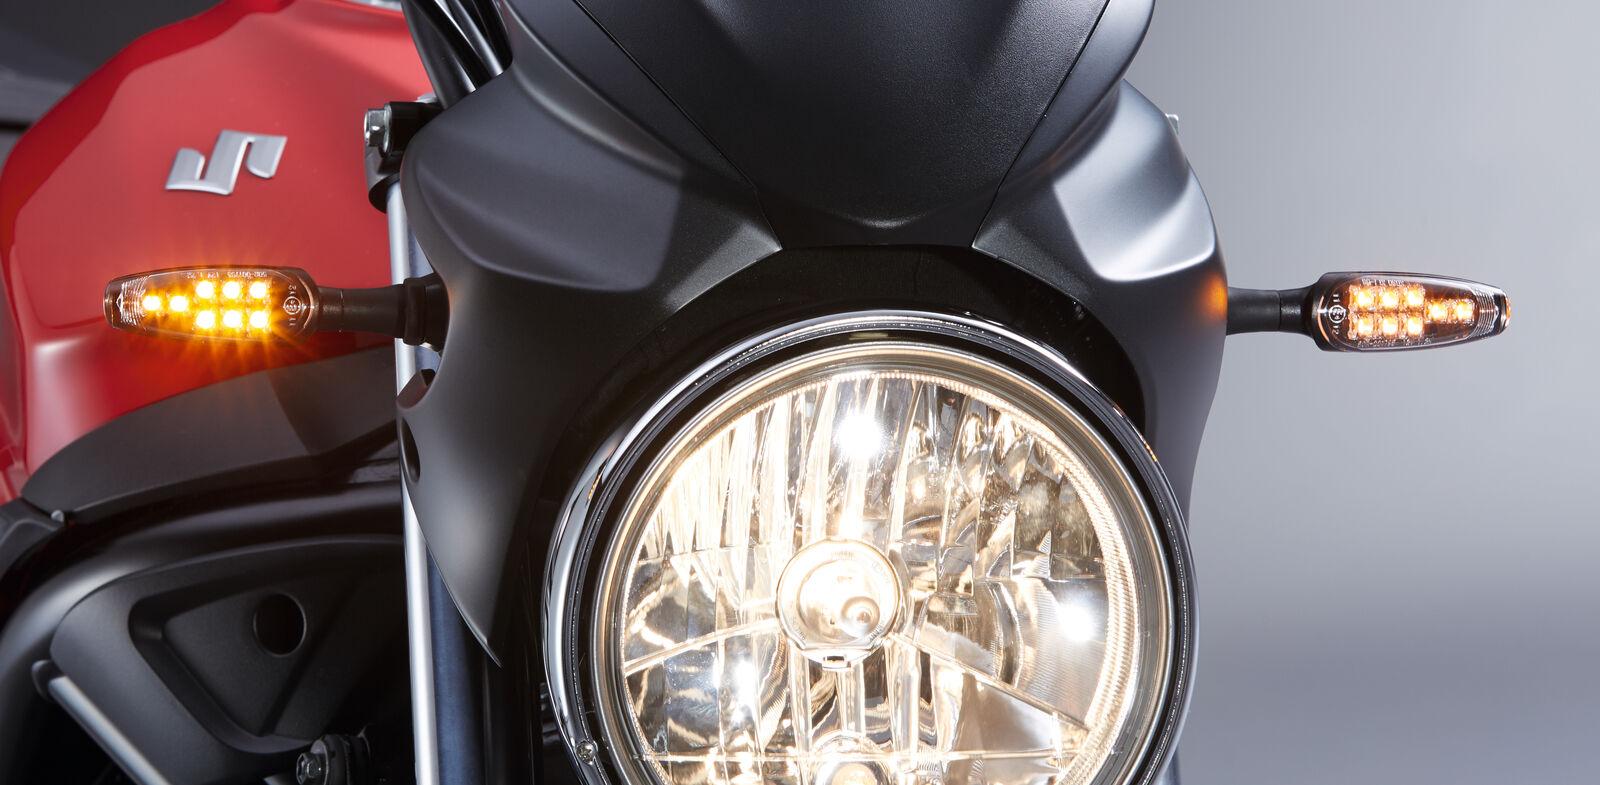 LED RAW set SV650A